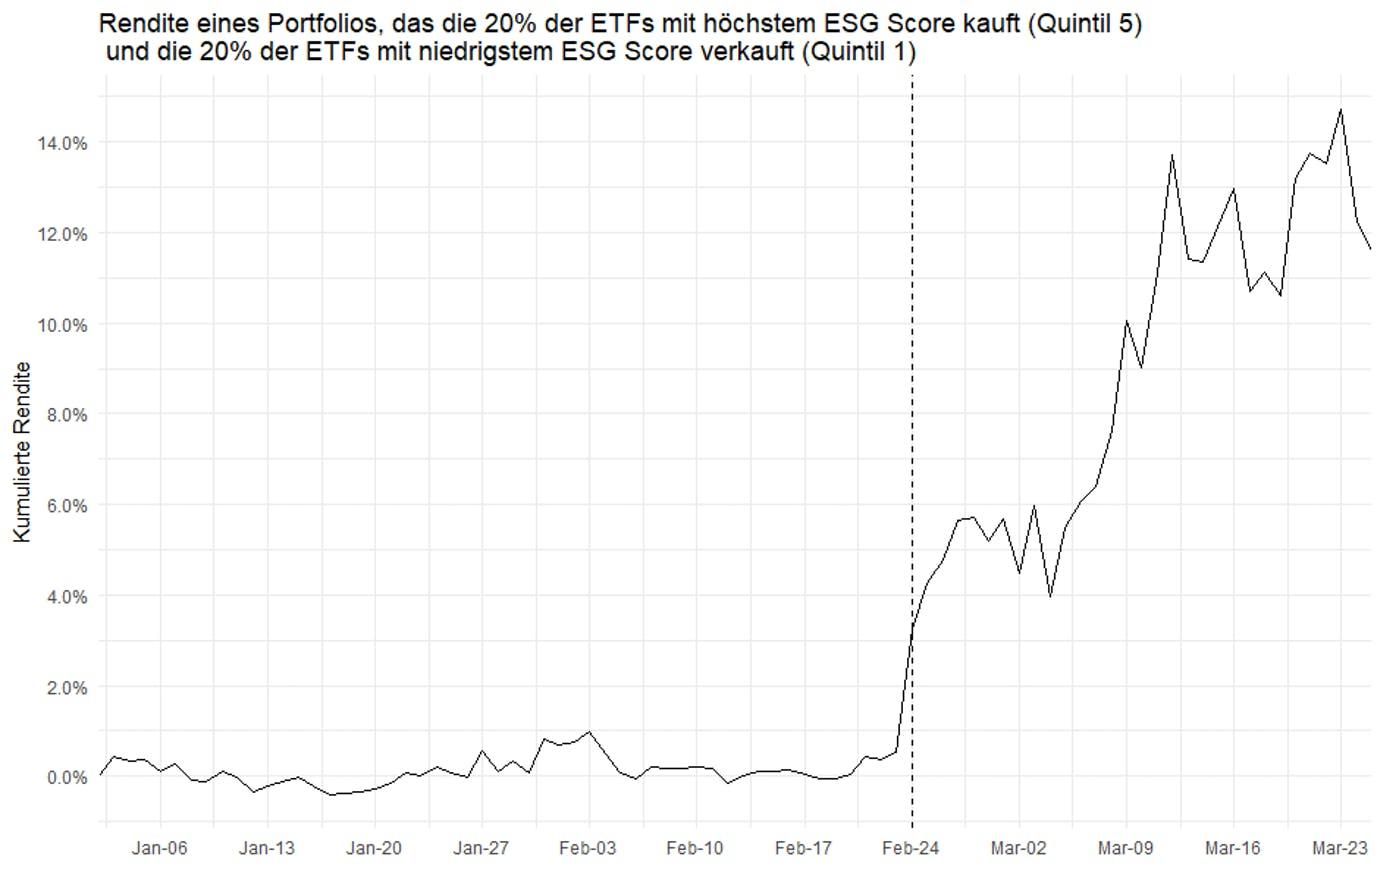 Grafik: Performance eines möglichen Long-Short-Portfolios auf besonders nachhaltige/am wenigsten nachhaltige ETFs seit Jahresbeginn 2020 (Top/Bottom 20% von 847 bewerteten ETFs, Rating anhand CLEANVEST.org Daten)